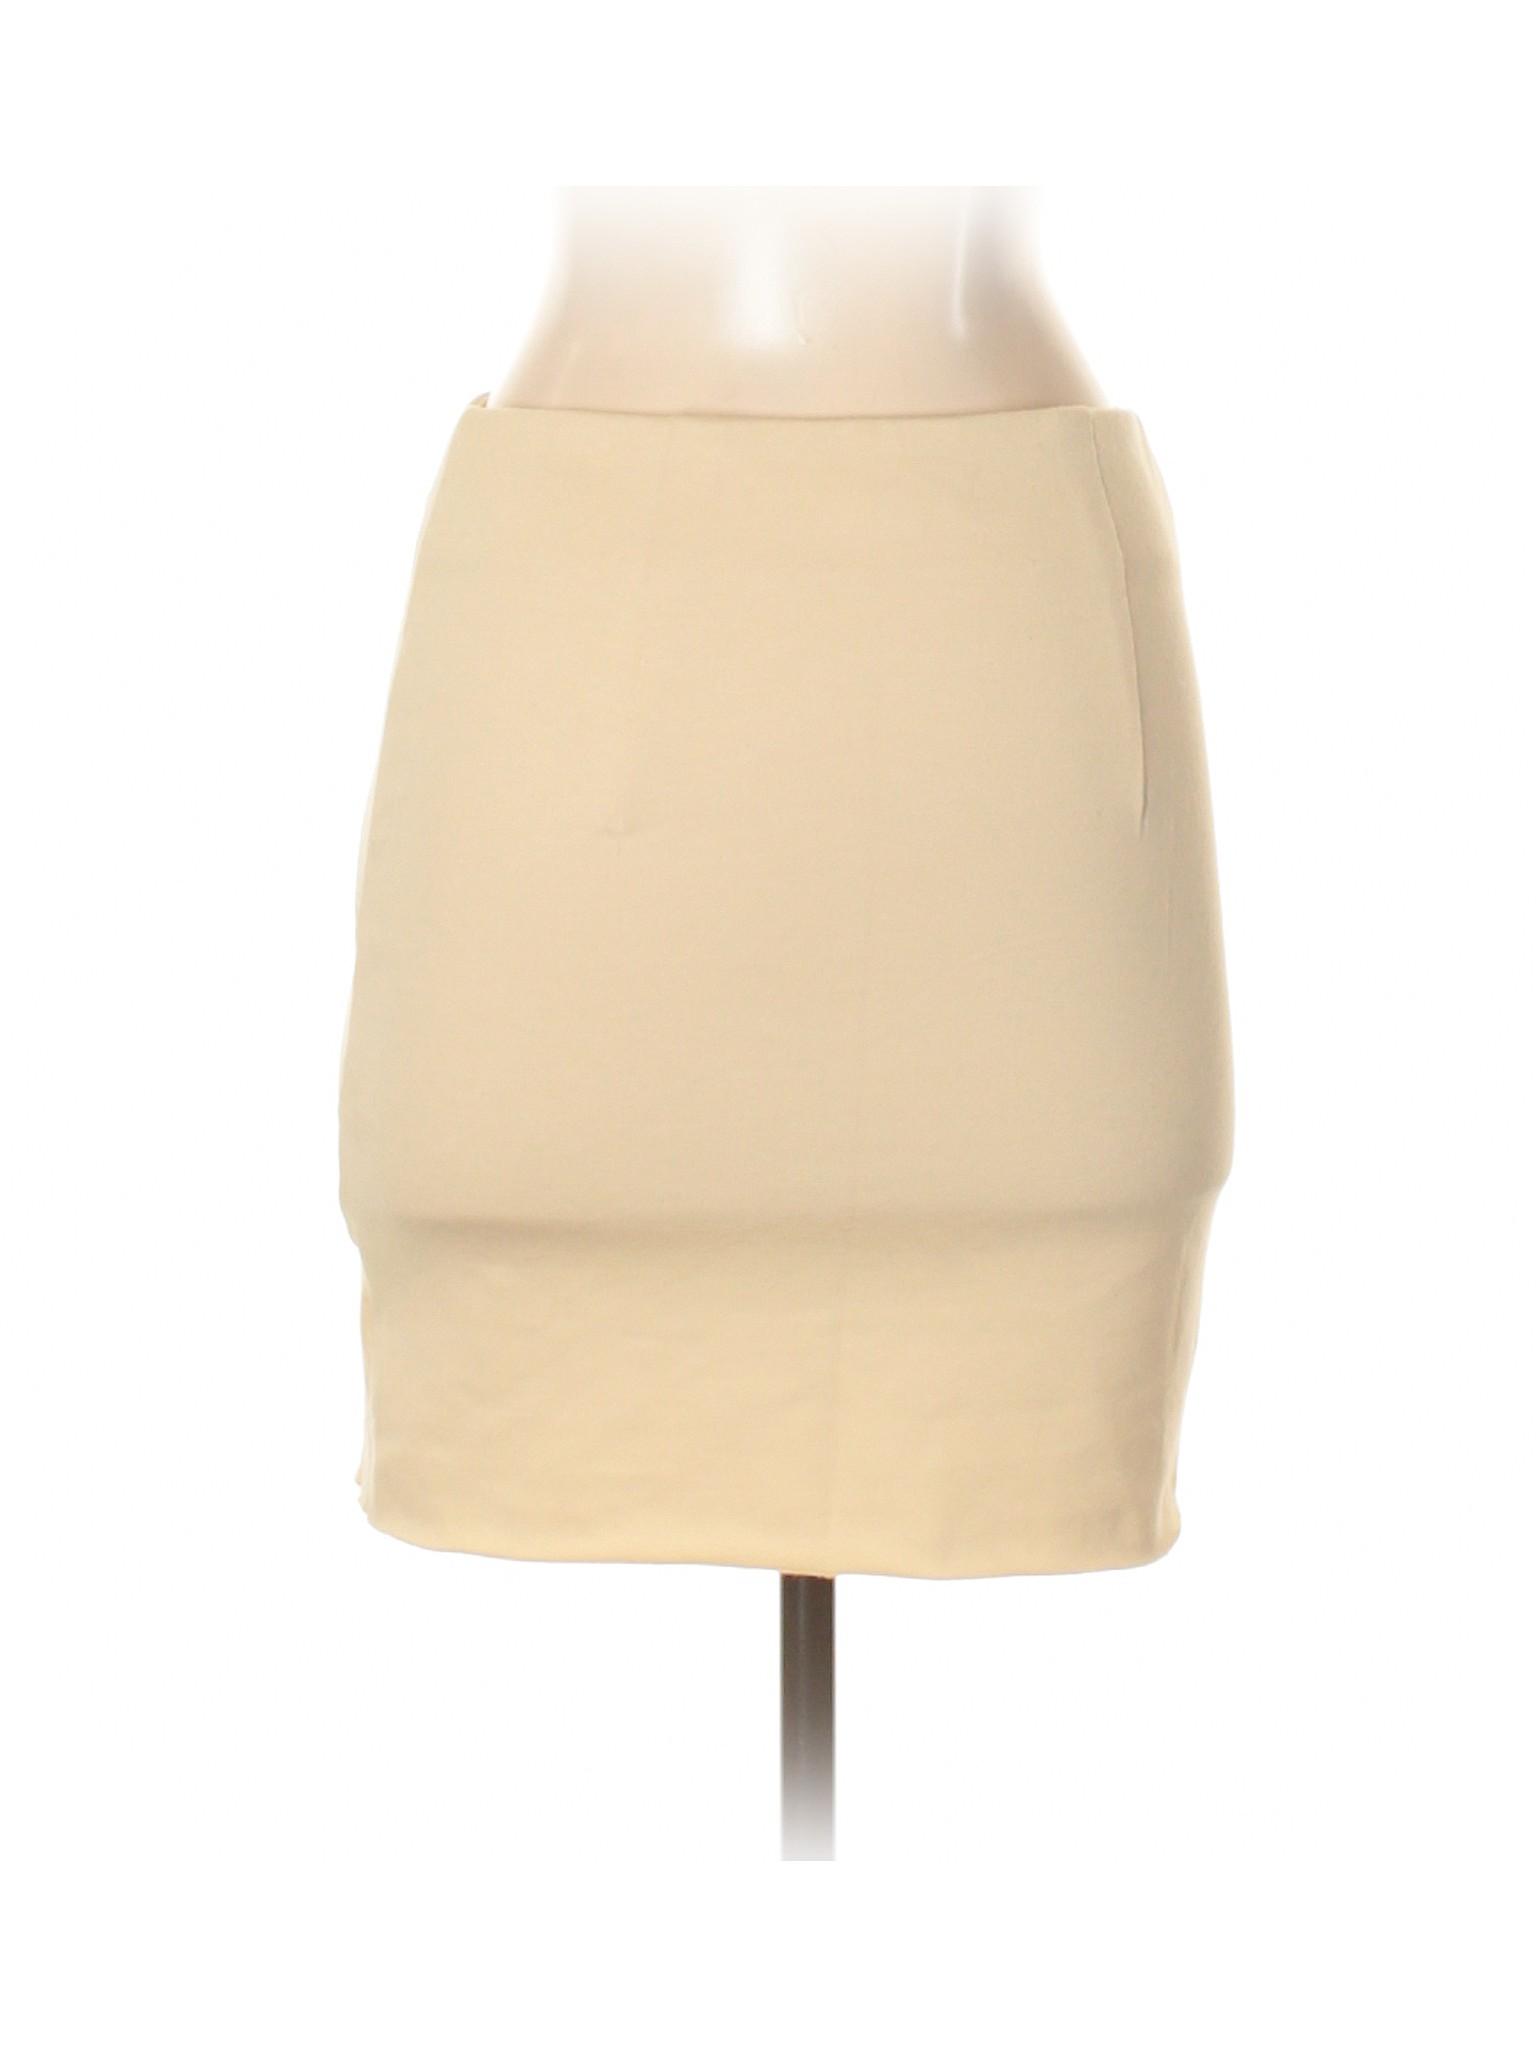 Boutique Skirt Boutique Casual Casual Boutique Skirt gqg6Erw